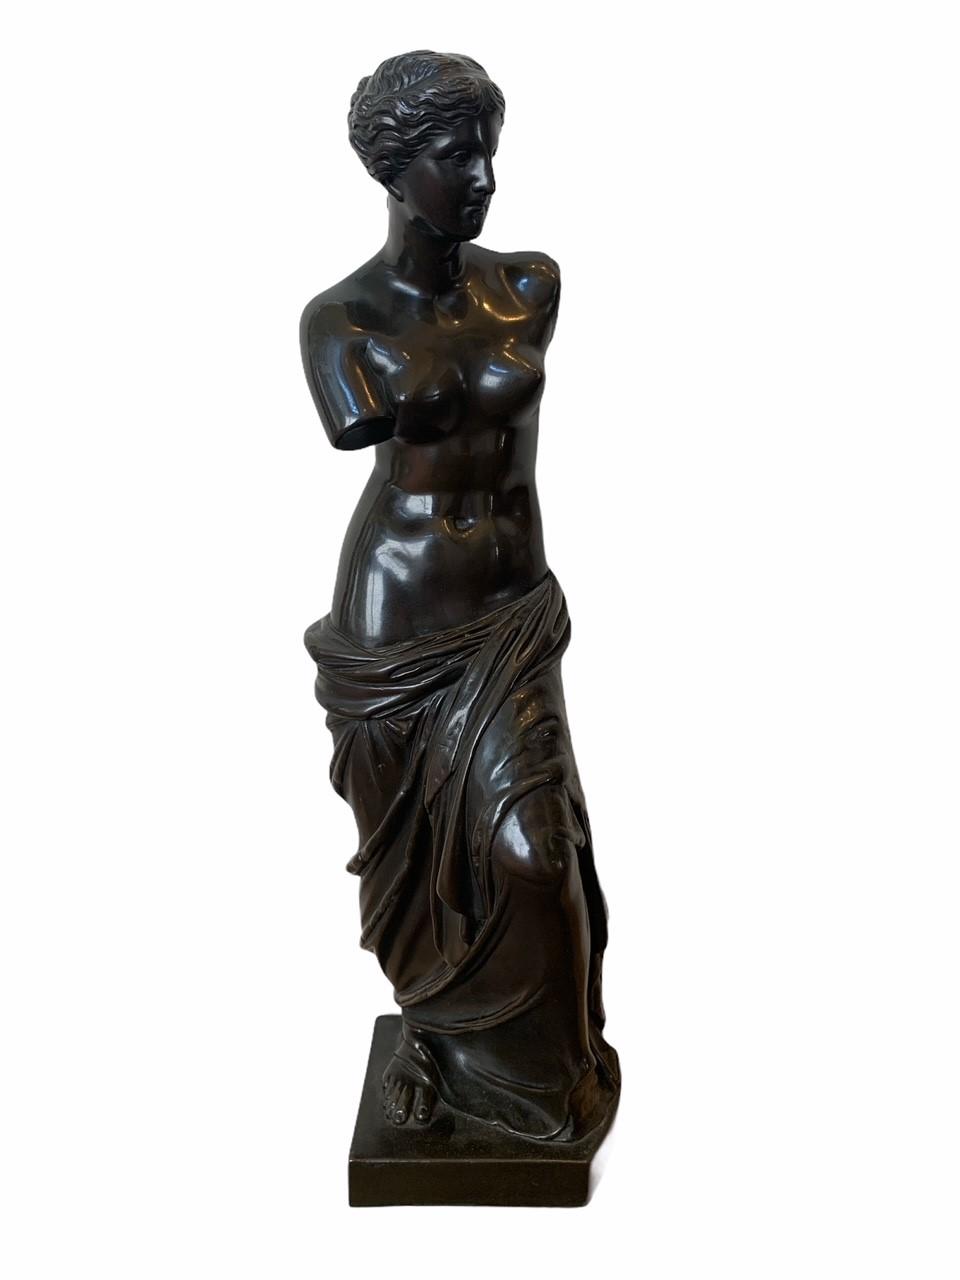 A 19TH CENTURY BRONZE CLAD STATUE OF A NEOCLASSICAL SEMINUDE FEMALE. (h 48cm x d 10.5cm x w 13cm)